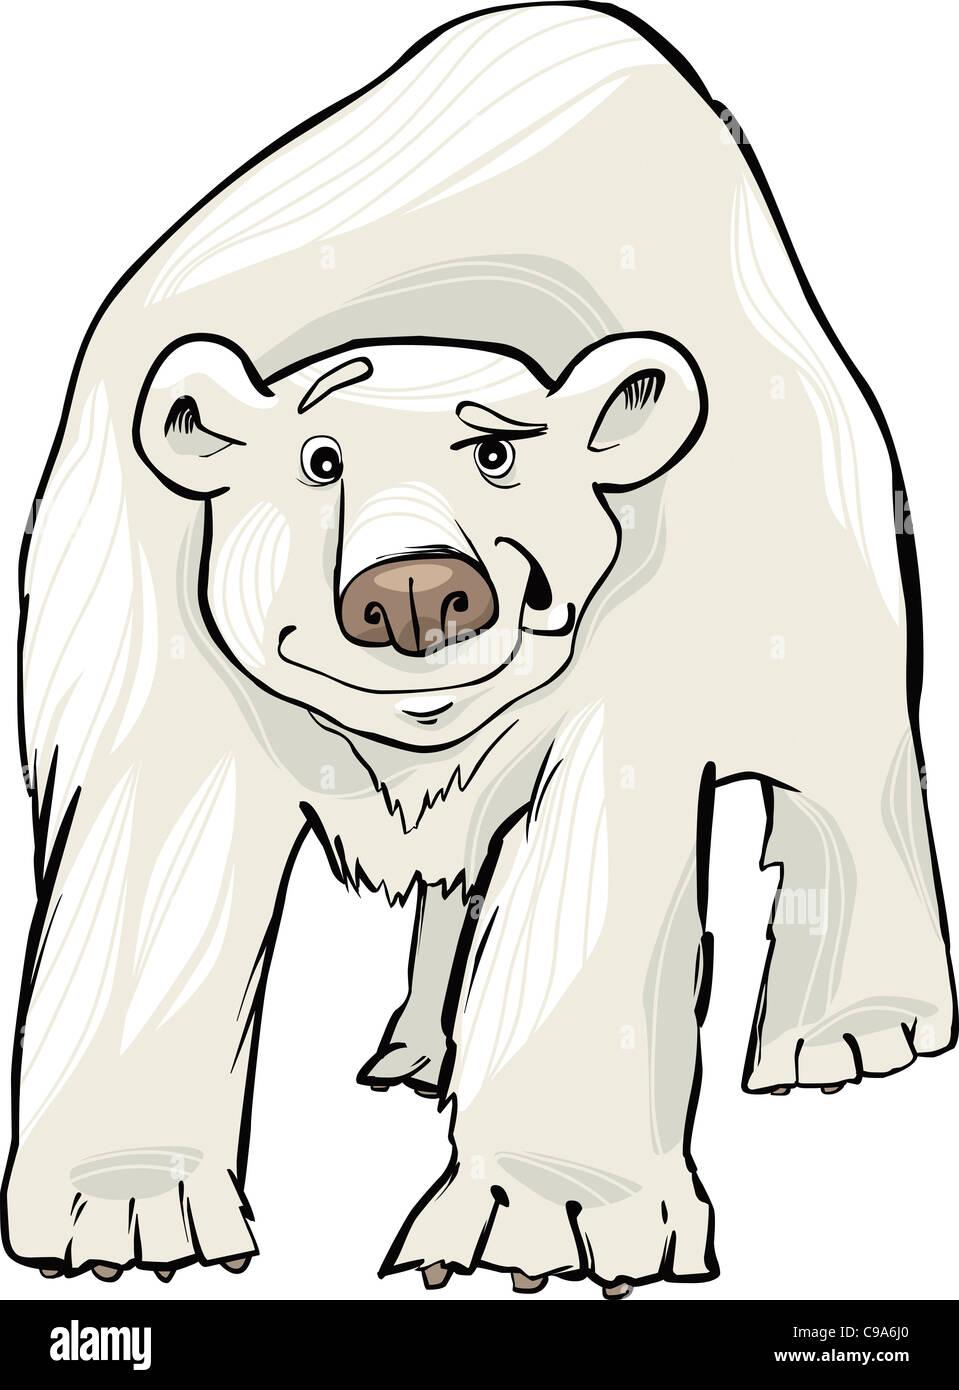 Cute Cartoon Polar Bear Ice Stockfotos & Cute Cartoon Polar Bear Ice ...